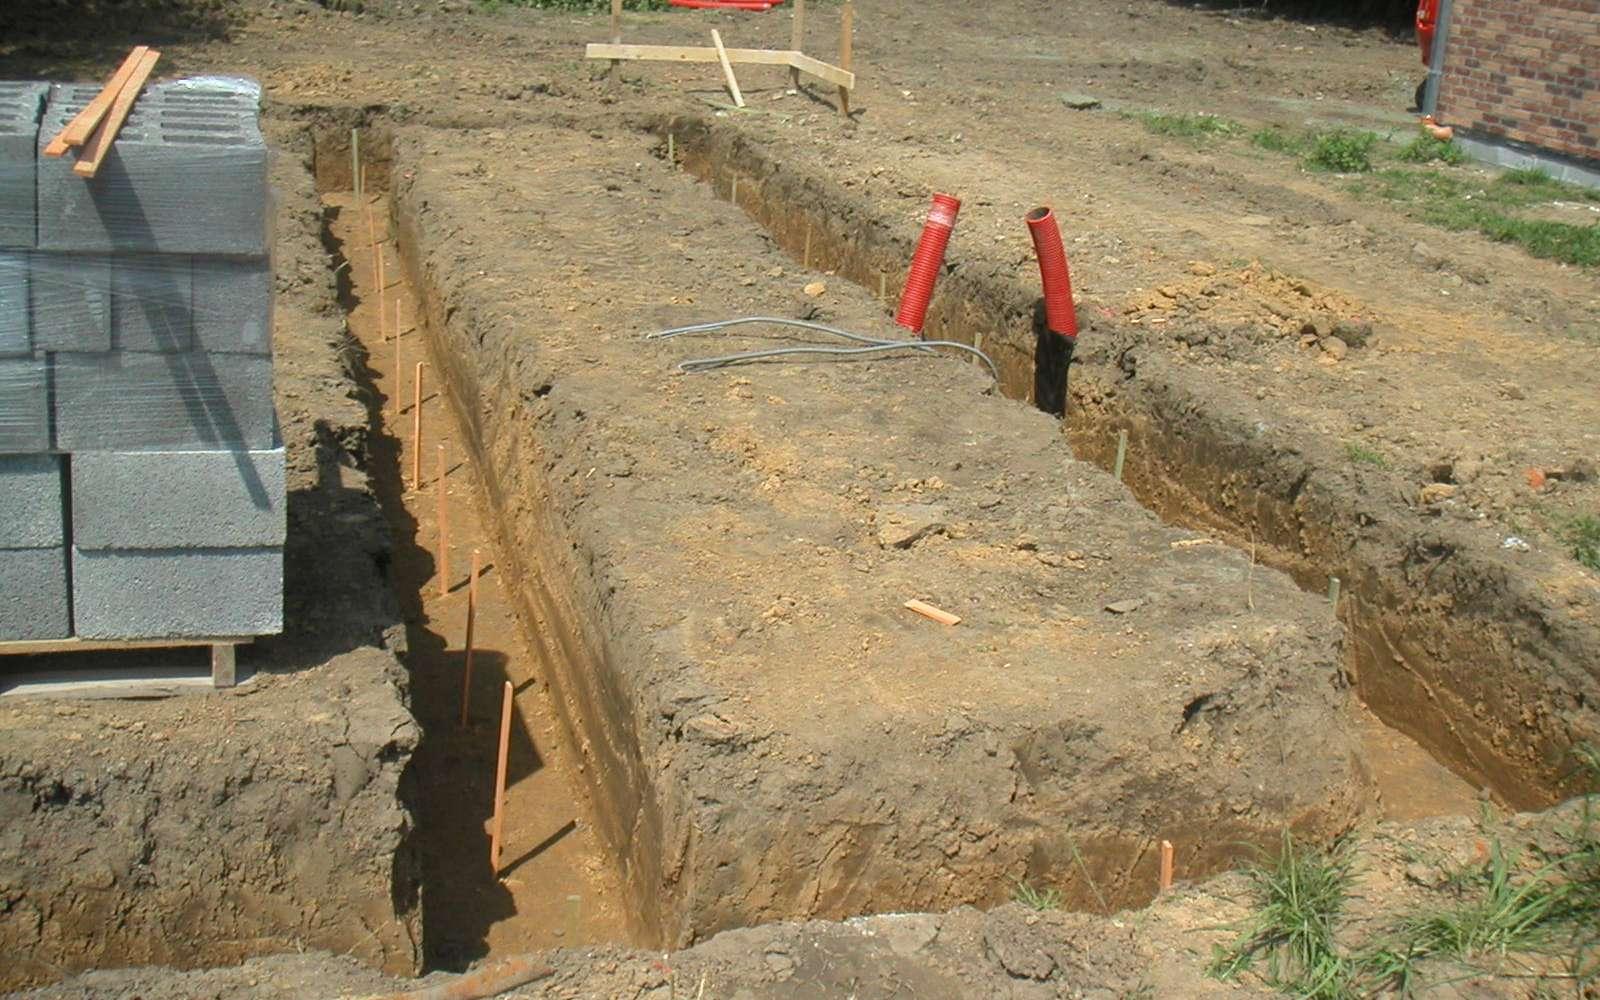 La maçonnerie enterrée comprend la construction des fondations d'un bâtiment. © Sophie Lenaerts et Cédrid Simon, CC BY-NC-SA 2.0, Flickr